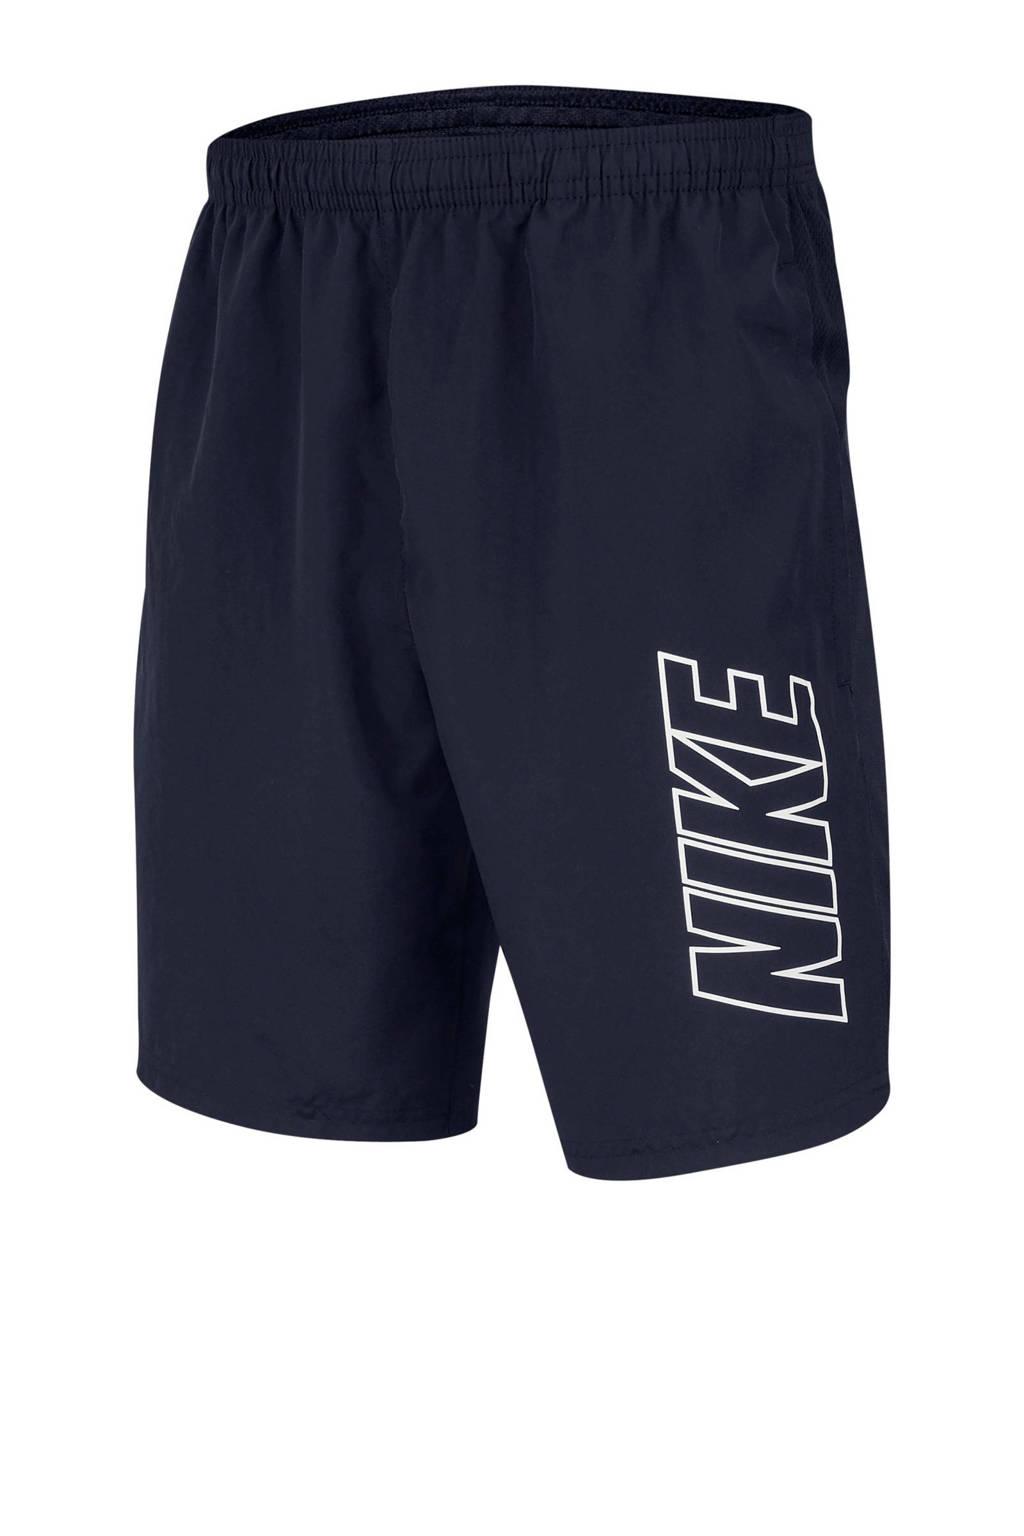 Nike Junior  voetbalshort donkerblauw, Donkerblauw